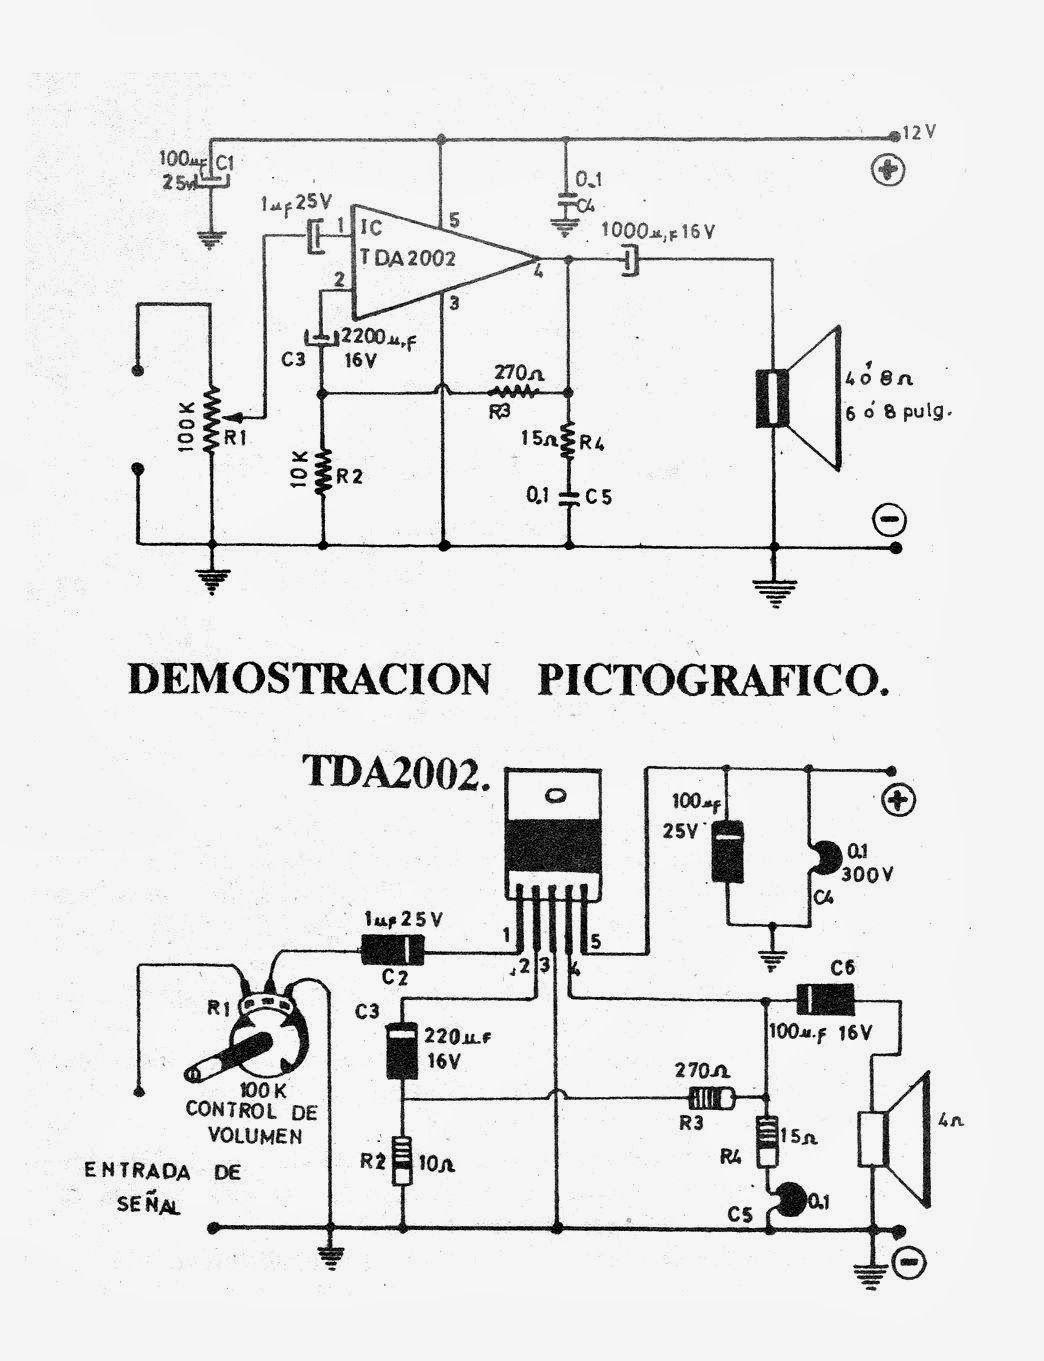 Amplificador Electronic Circuit Diagram Example Electrical Wiring Simple Projects Circuito Con Integrado Tda2002 El Presentado Rh Pinterest Com Diagrams